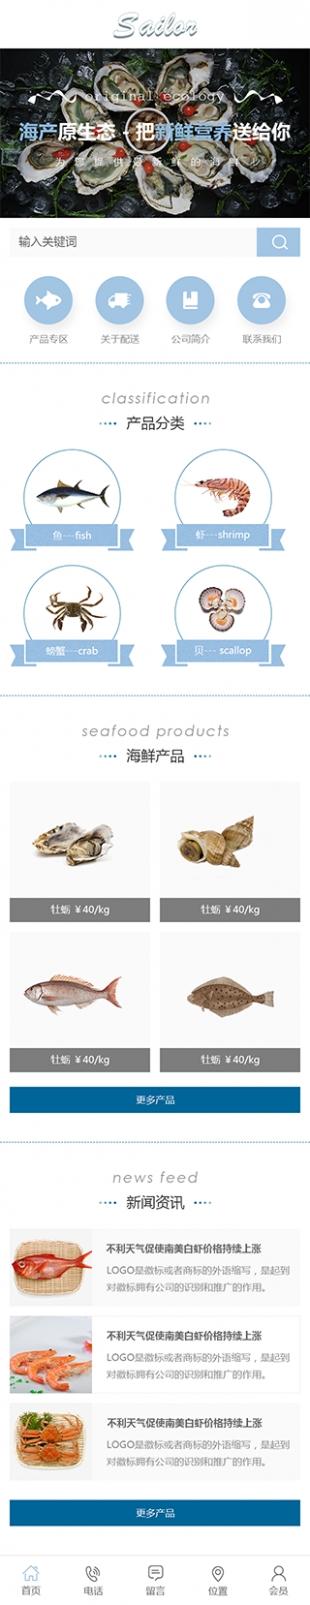 海鲜交易类网站通用模板手机图片